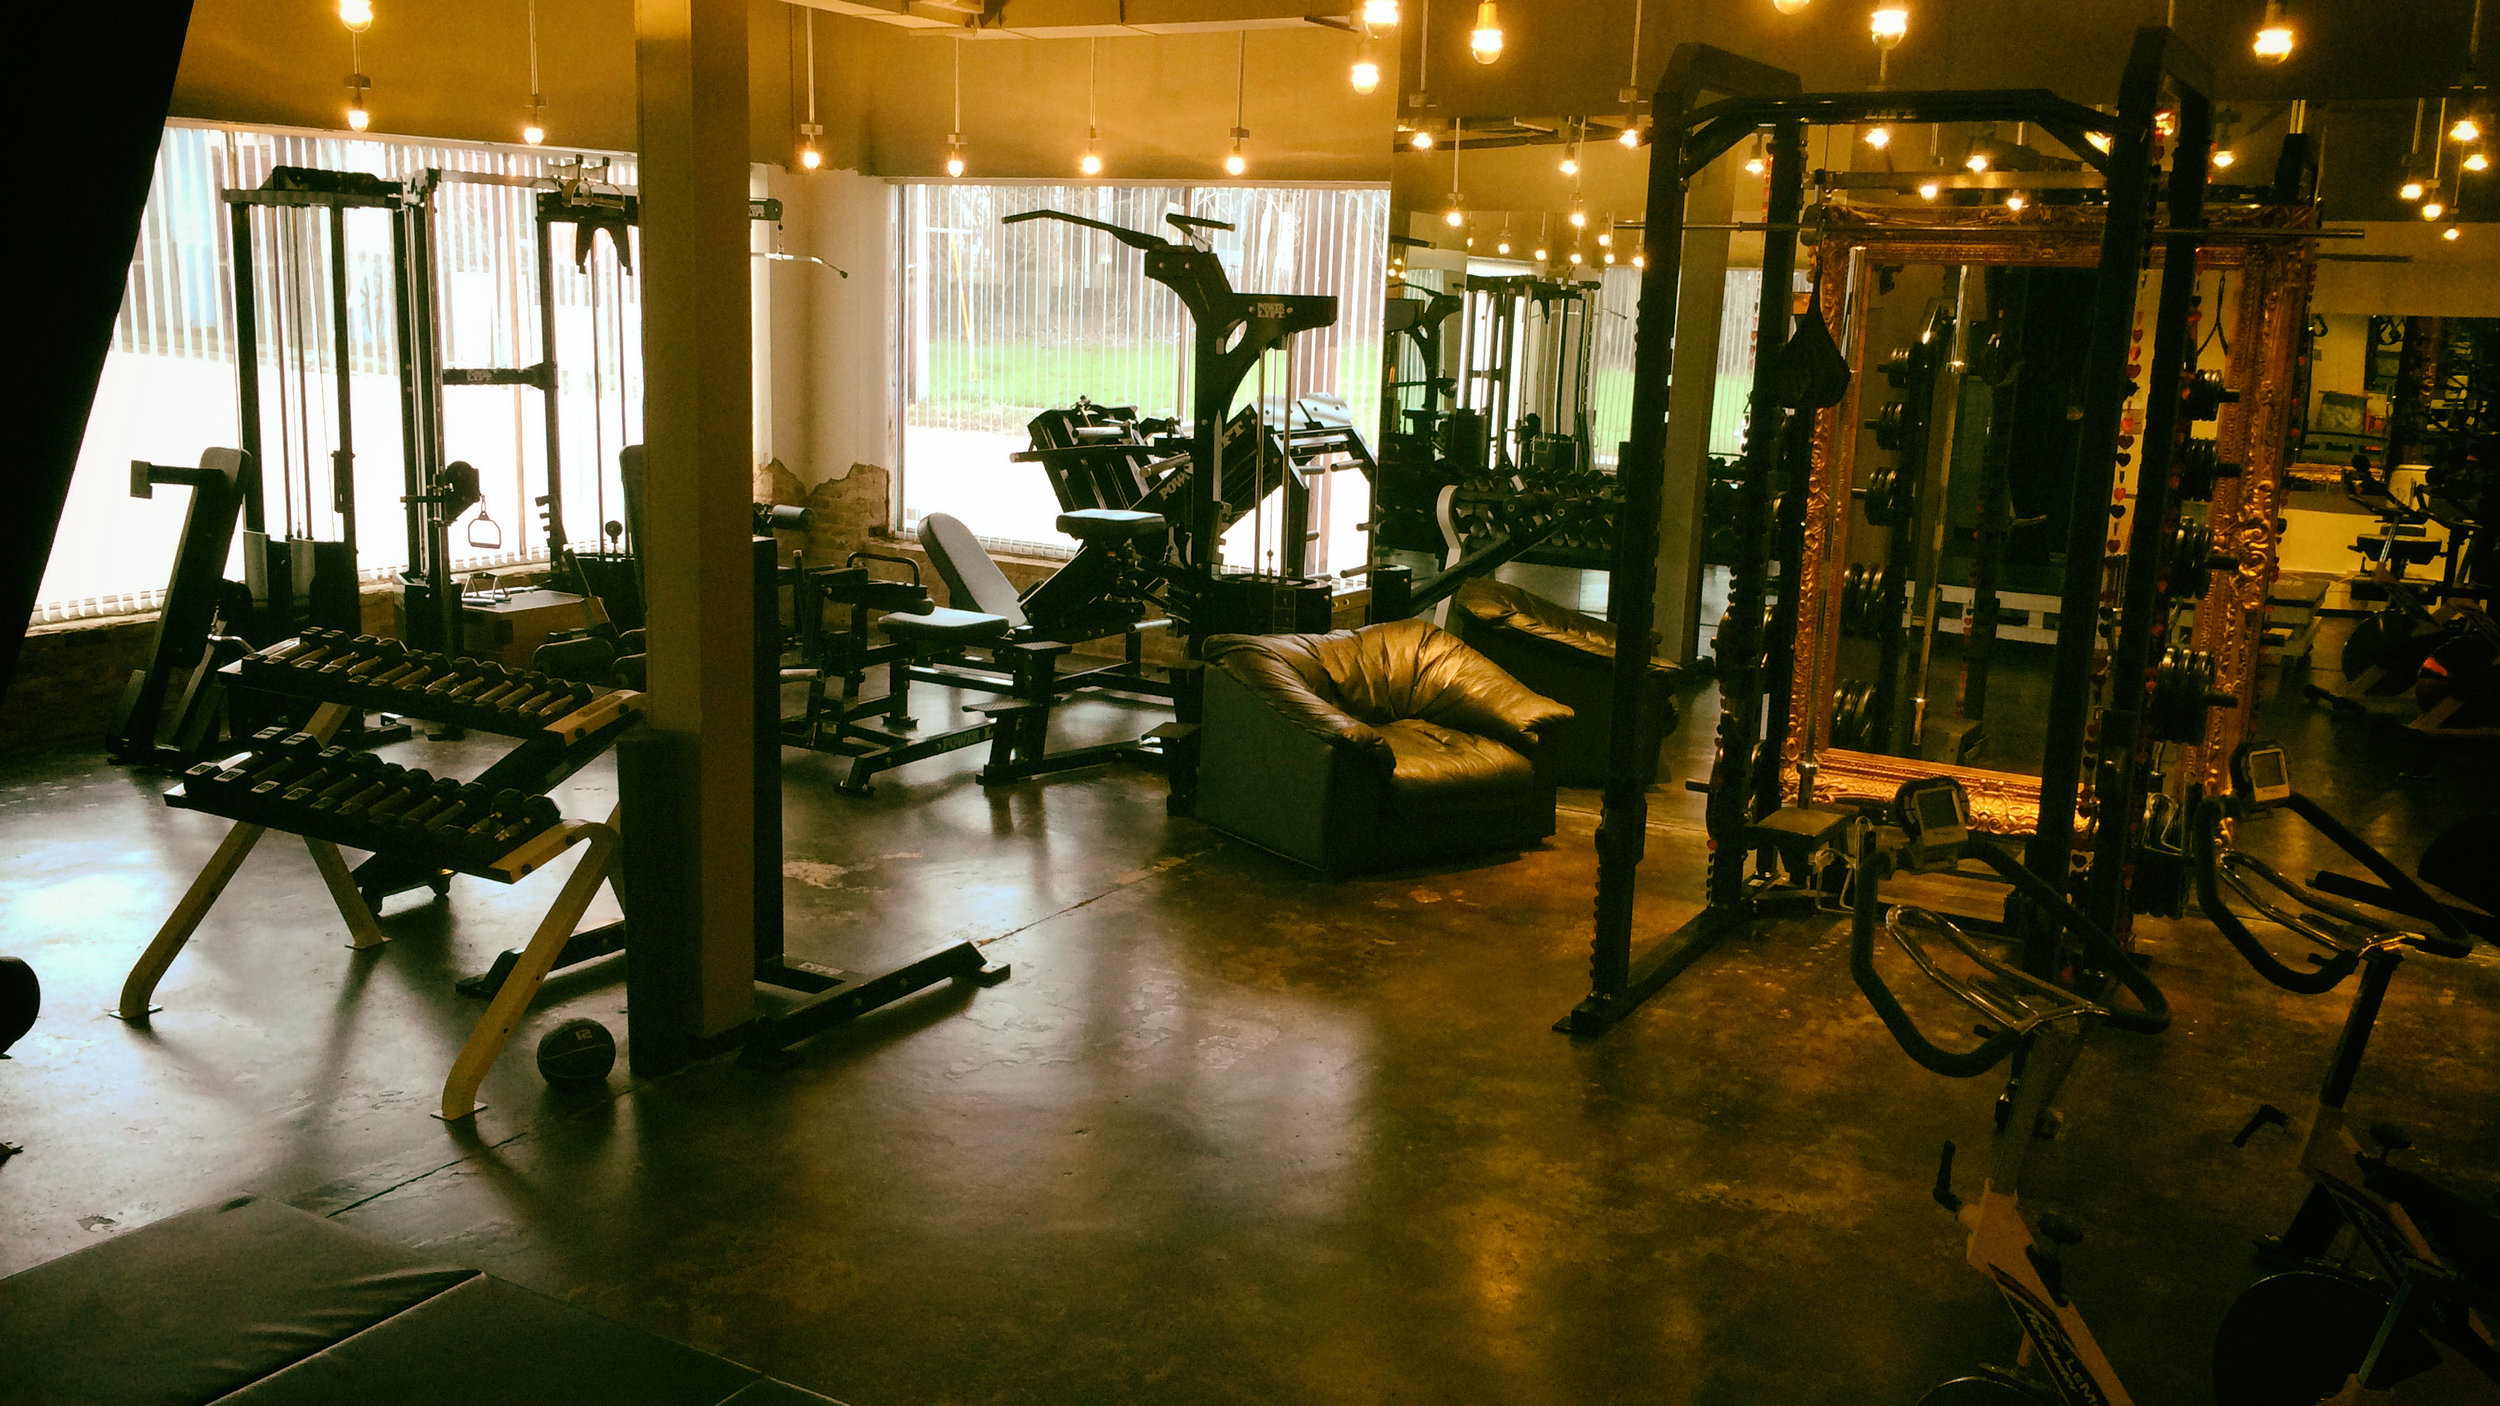 GymStudio